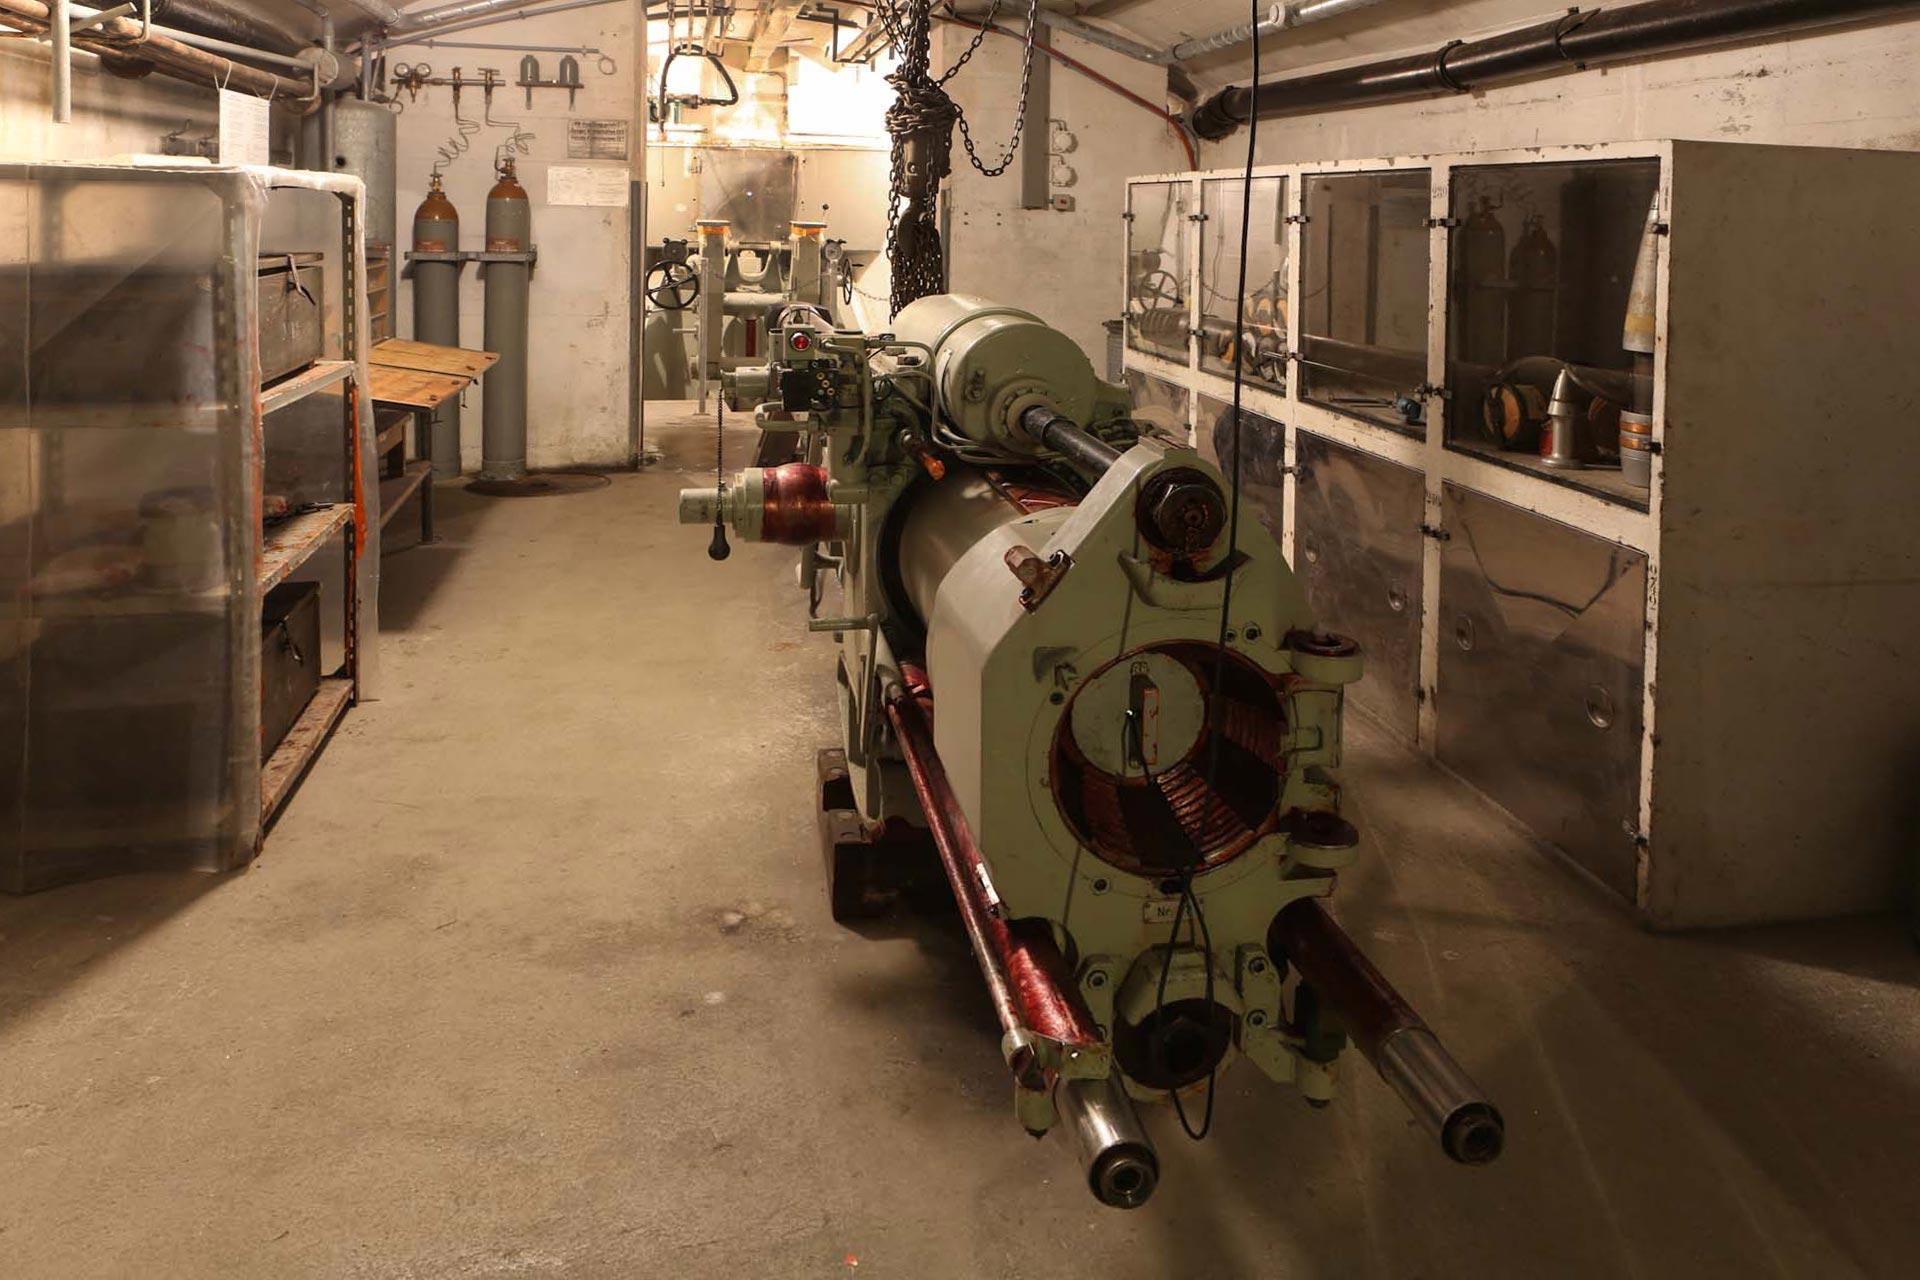 Eine der zurückgebauten vier 15-cm-Kanonen, die 24 Kilometer weit schießen können.